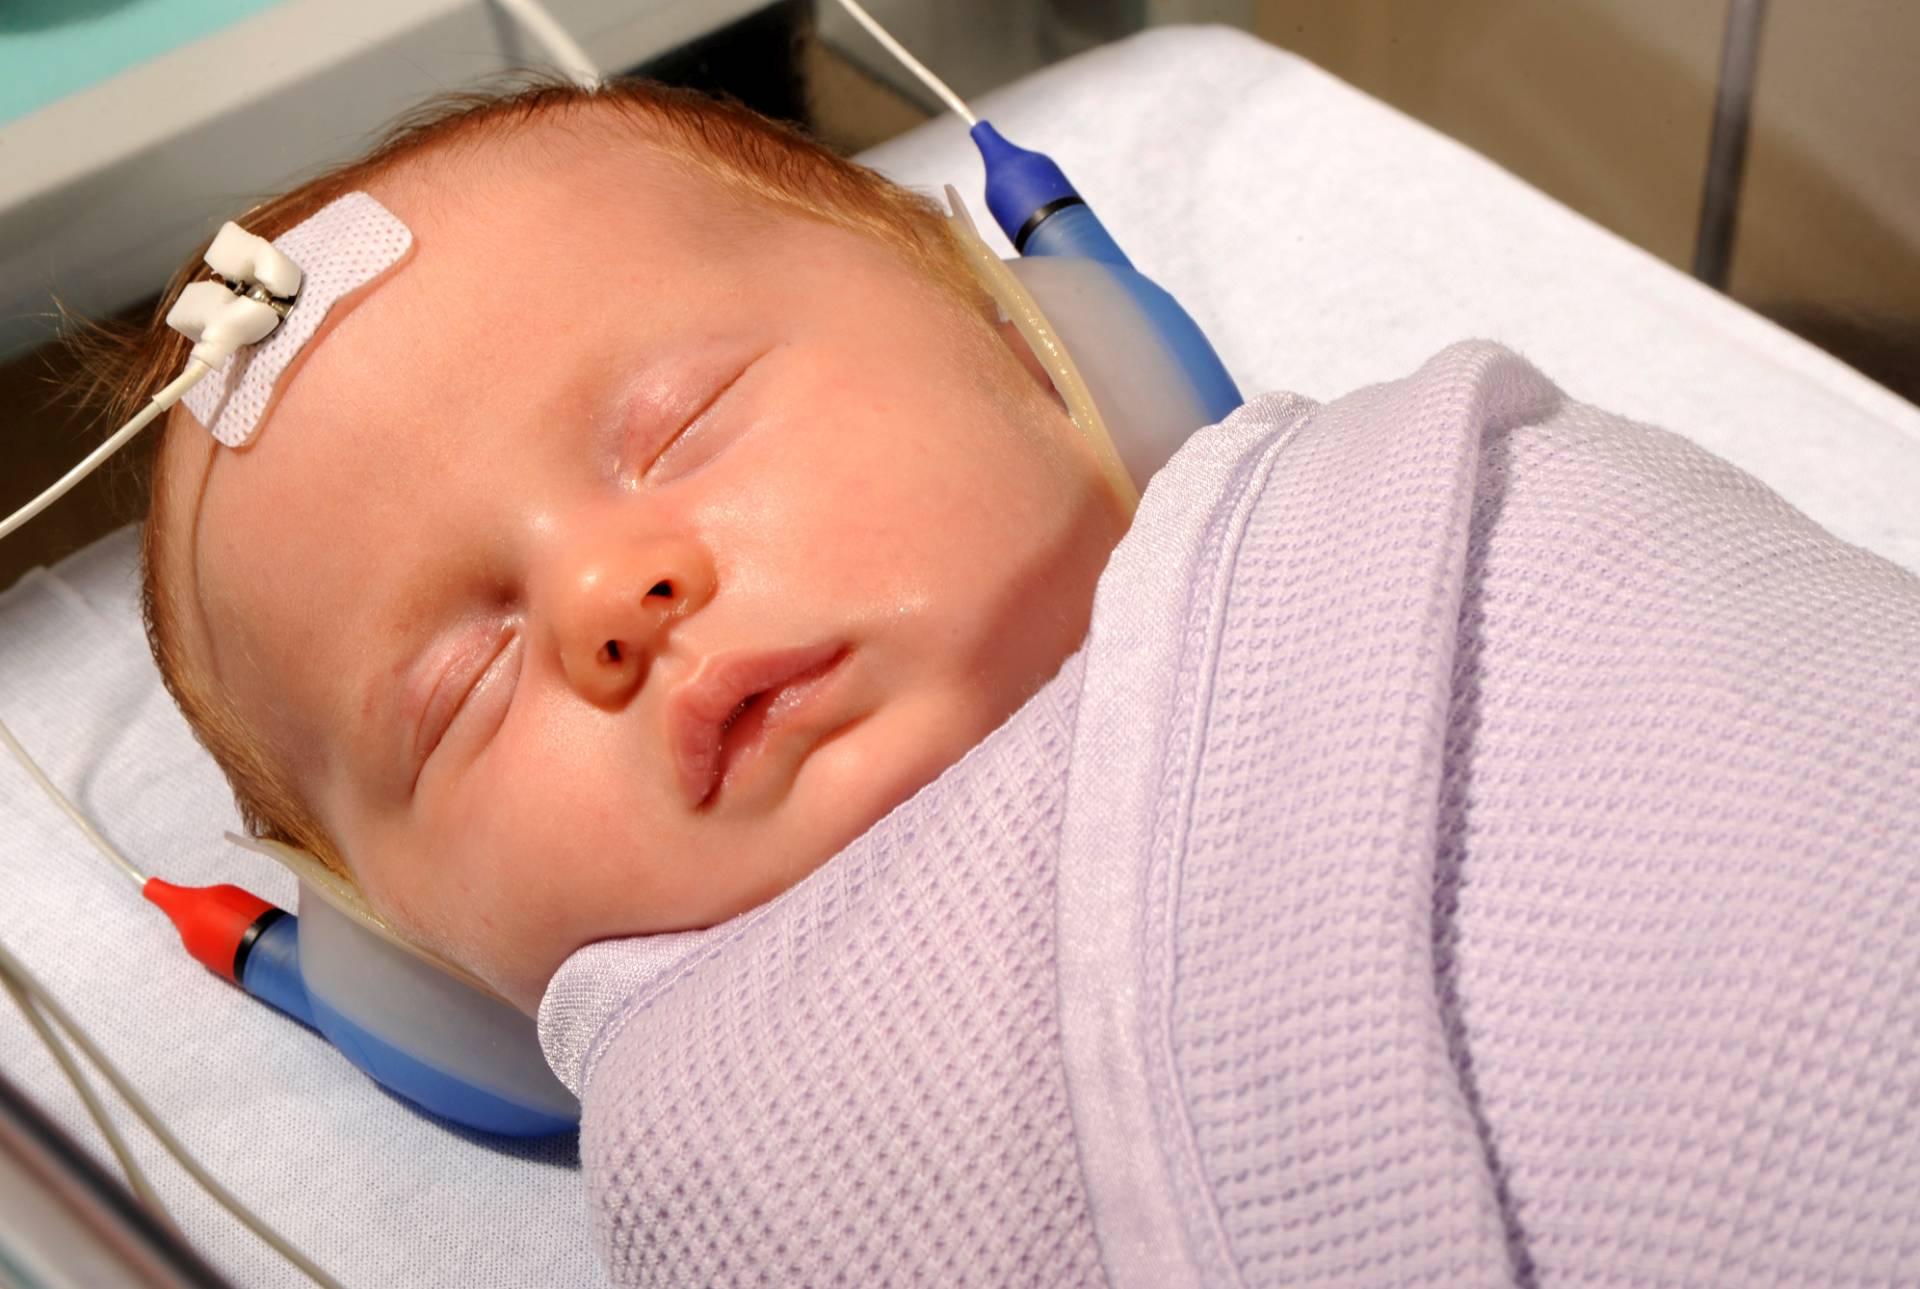 Importanța protezării auditive a copilului de vârstă foarte mică